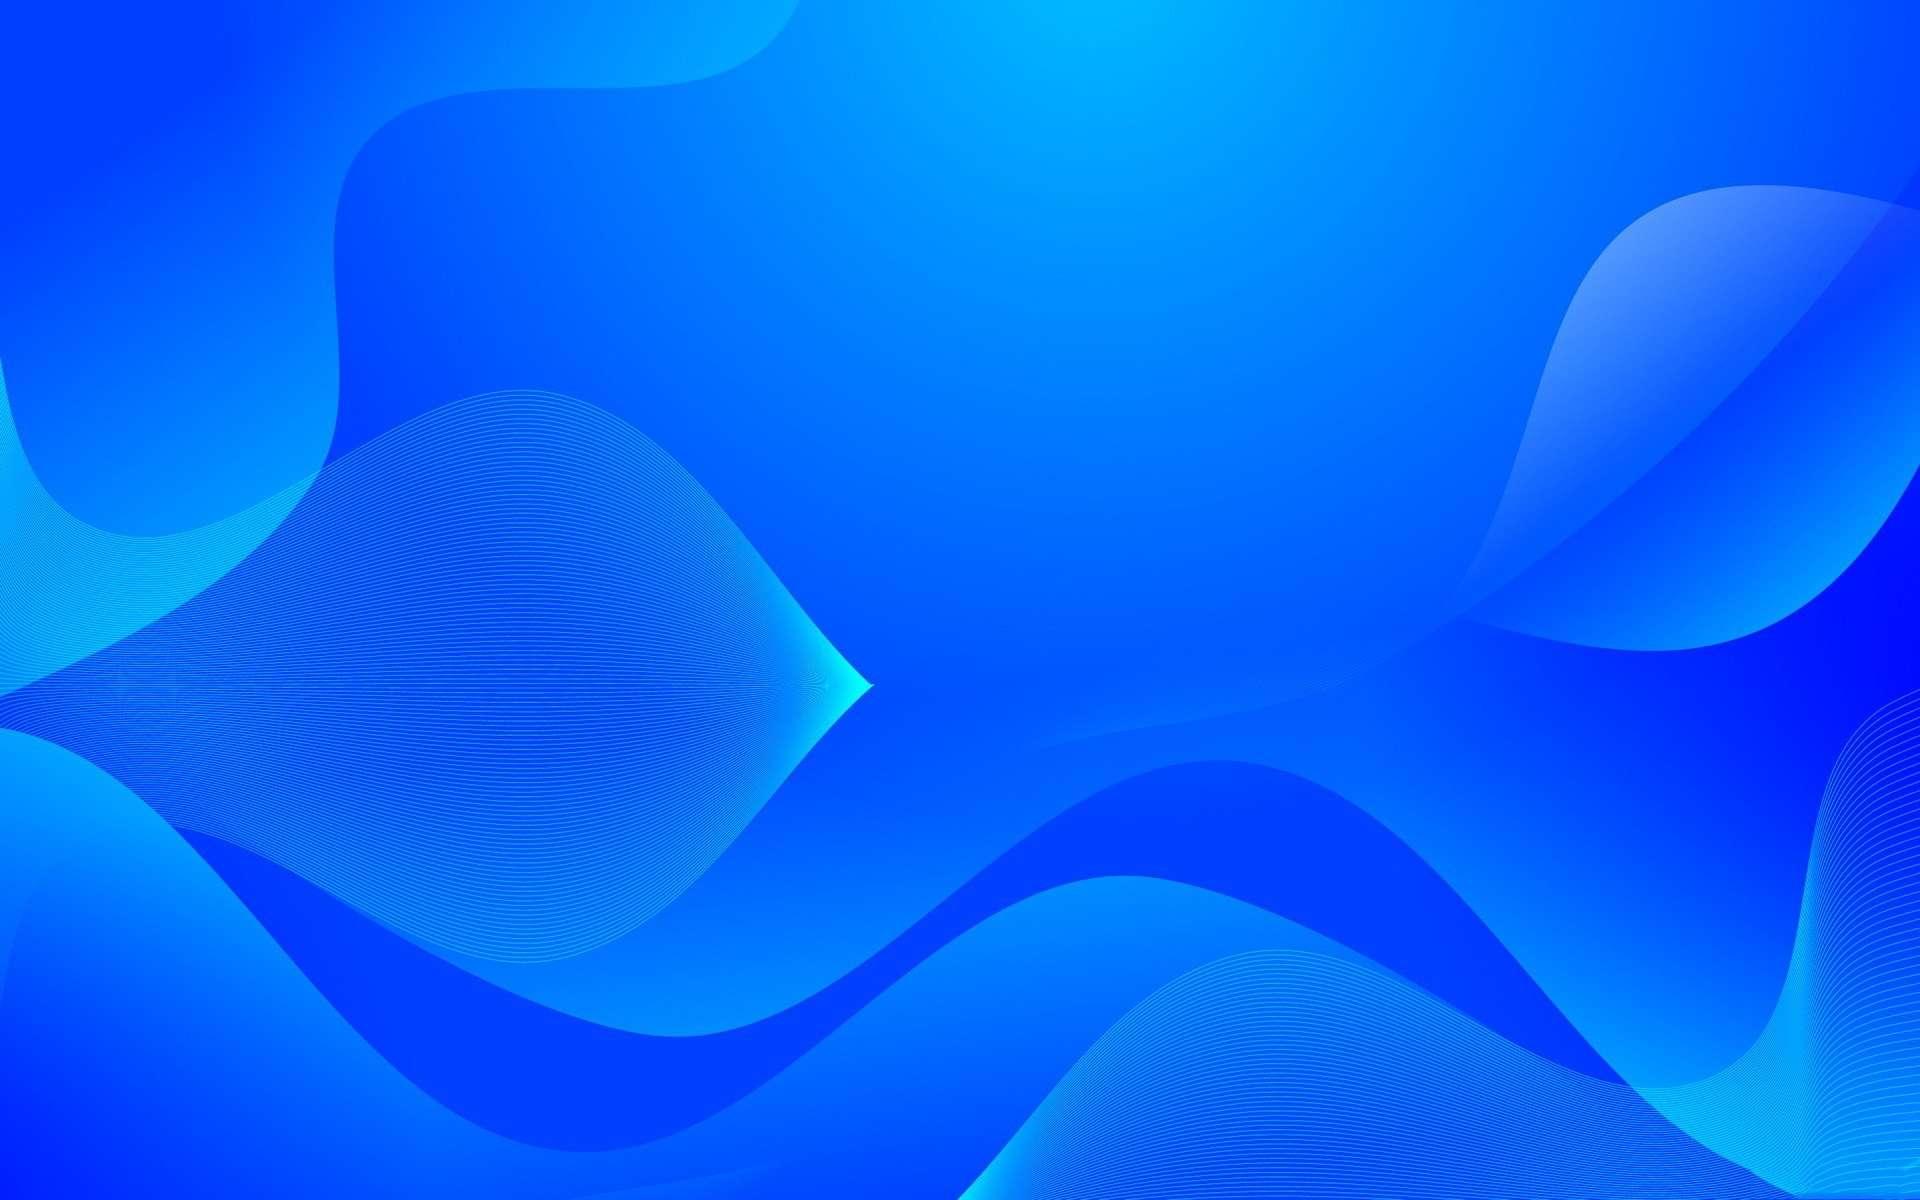 Blue Wallpaper 047